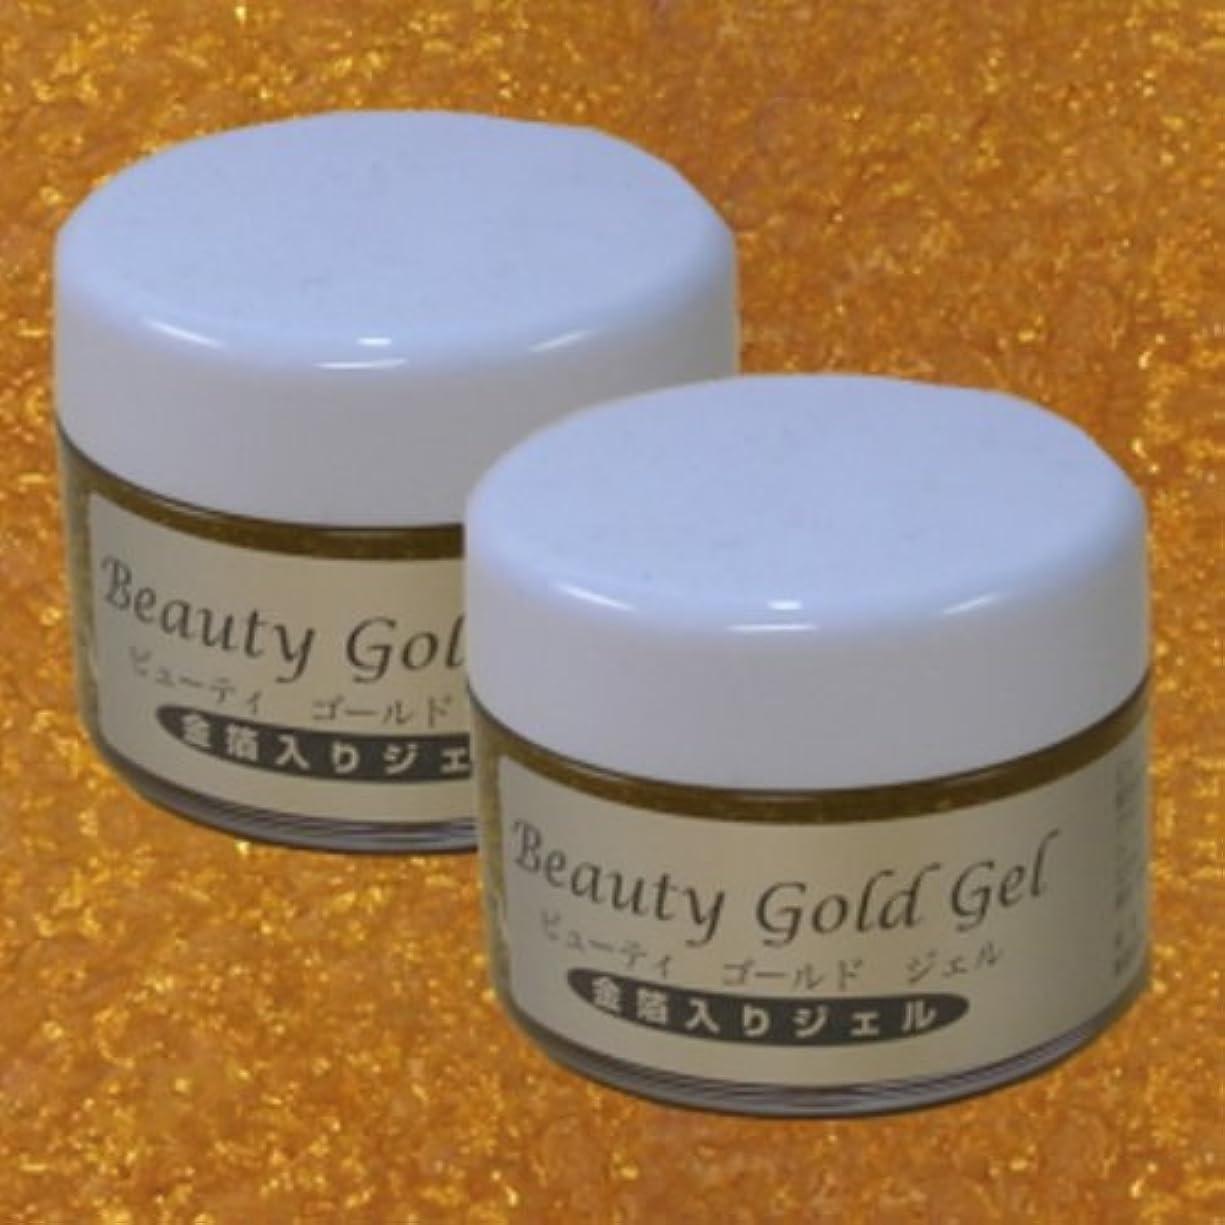 アブセイ丁寧のり金イオンがお肌にハリと弾力を与える『ビューティゴールドジェル2個セット』(送料サービス)